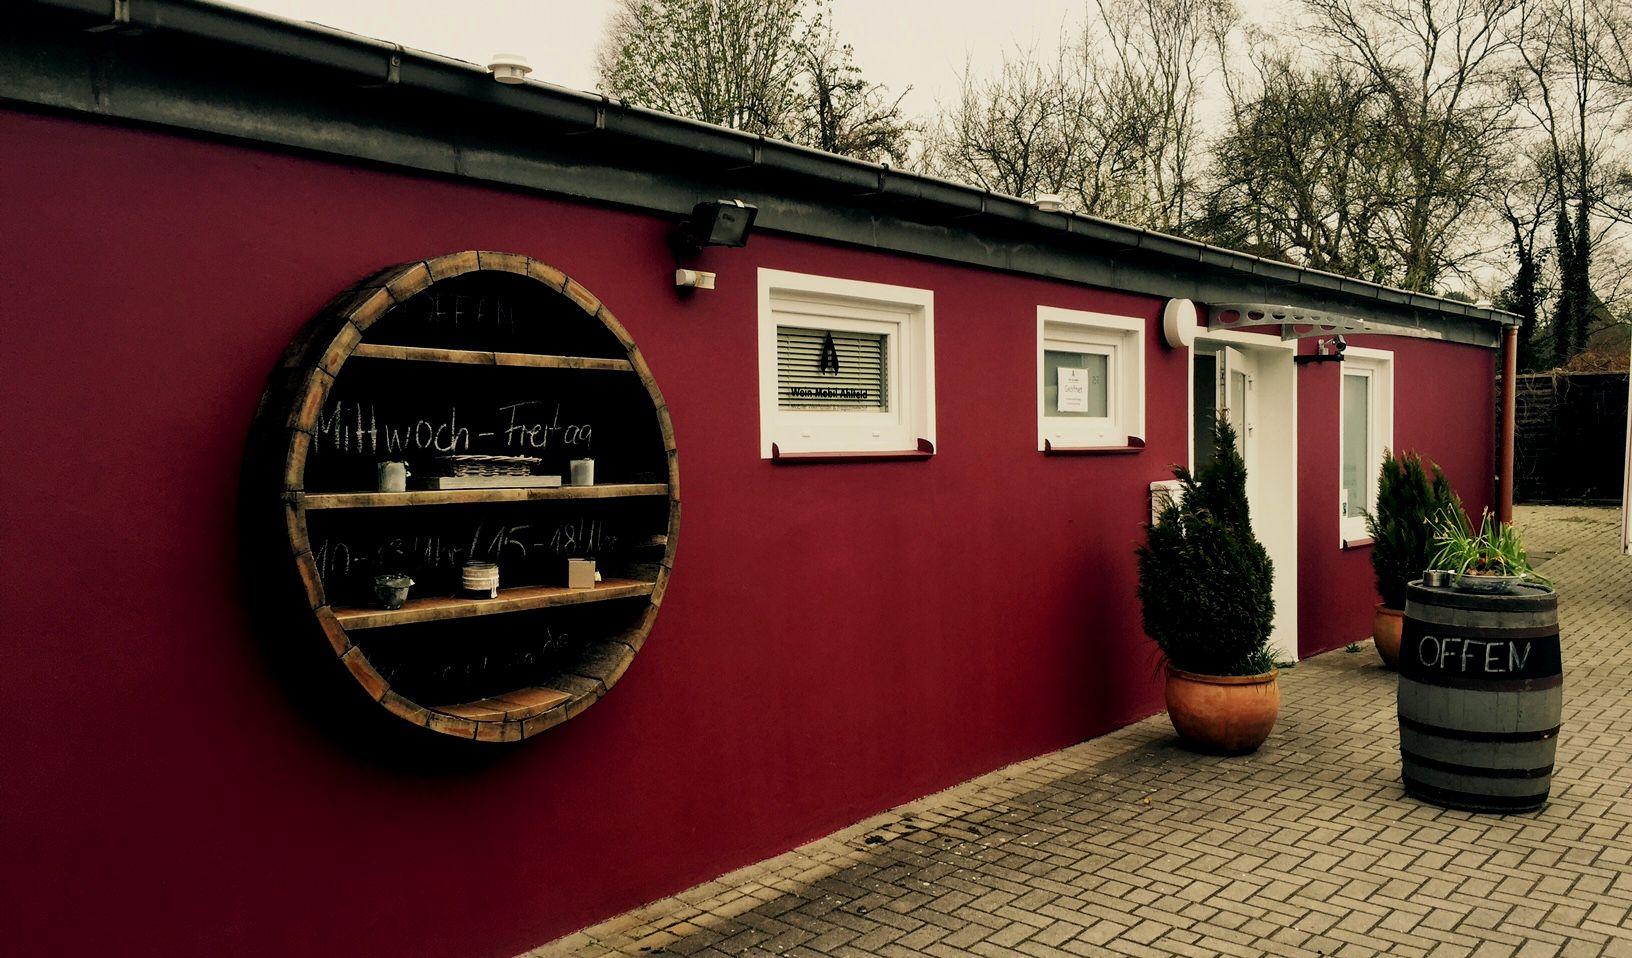 Wein Mobil Ahlfeld Weinfachhandlung & mobiler Ausschank